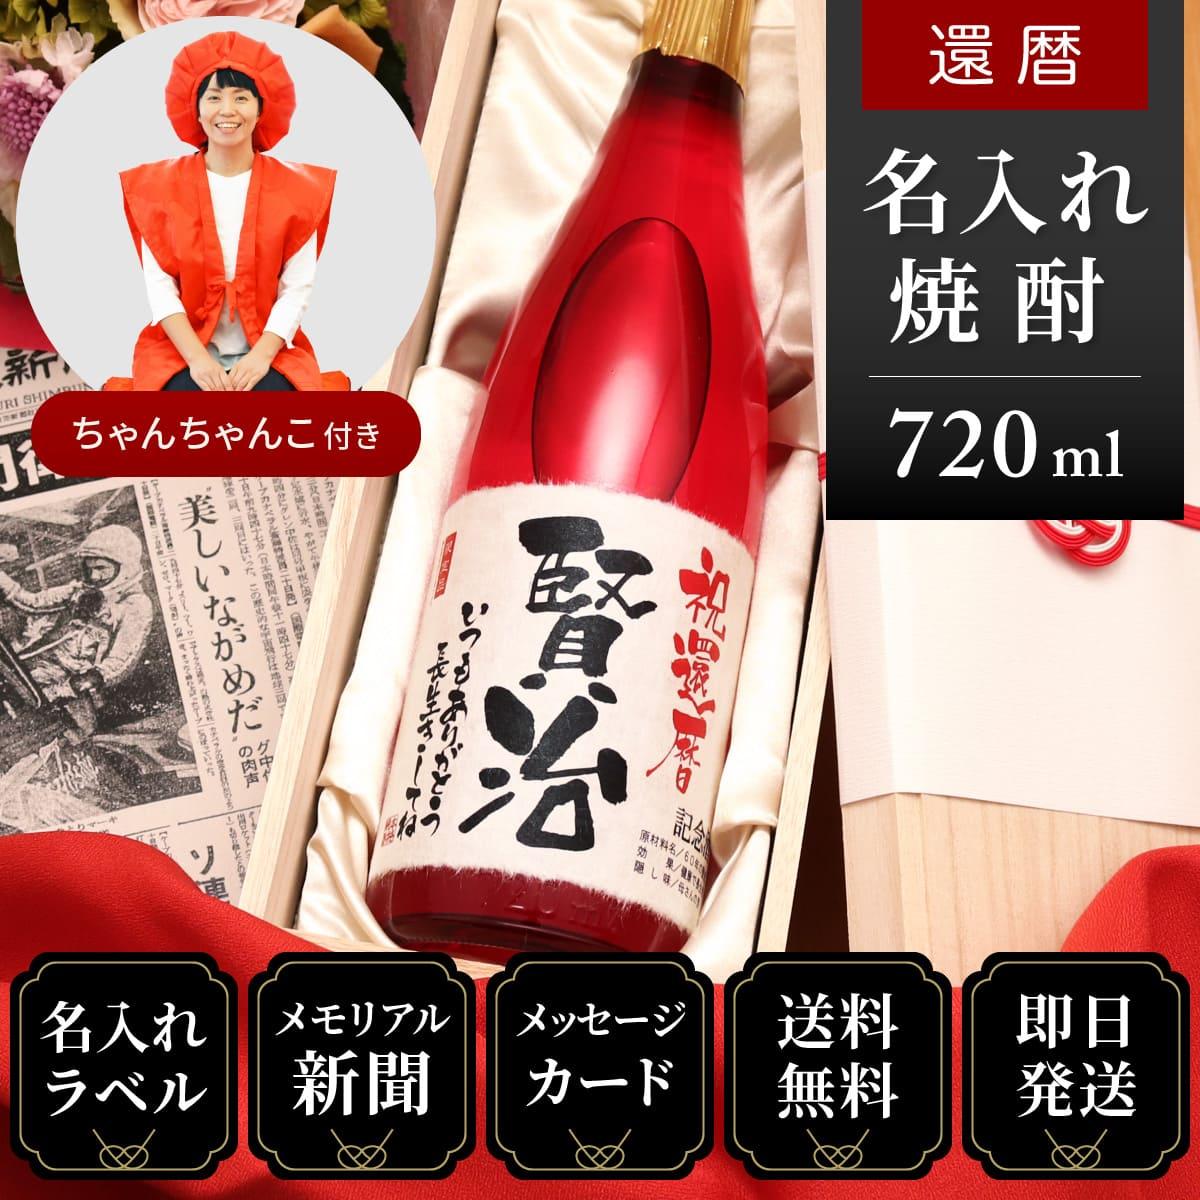 還暦ちゃんちゃんこ(日本製)と赤瓶セット「華乃小町」720ml(酒粕焼酎)